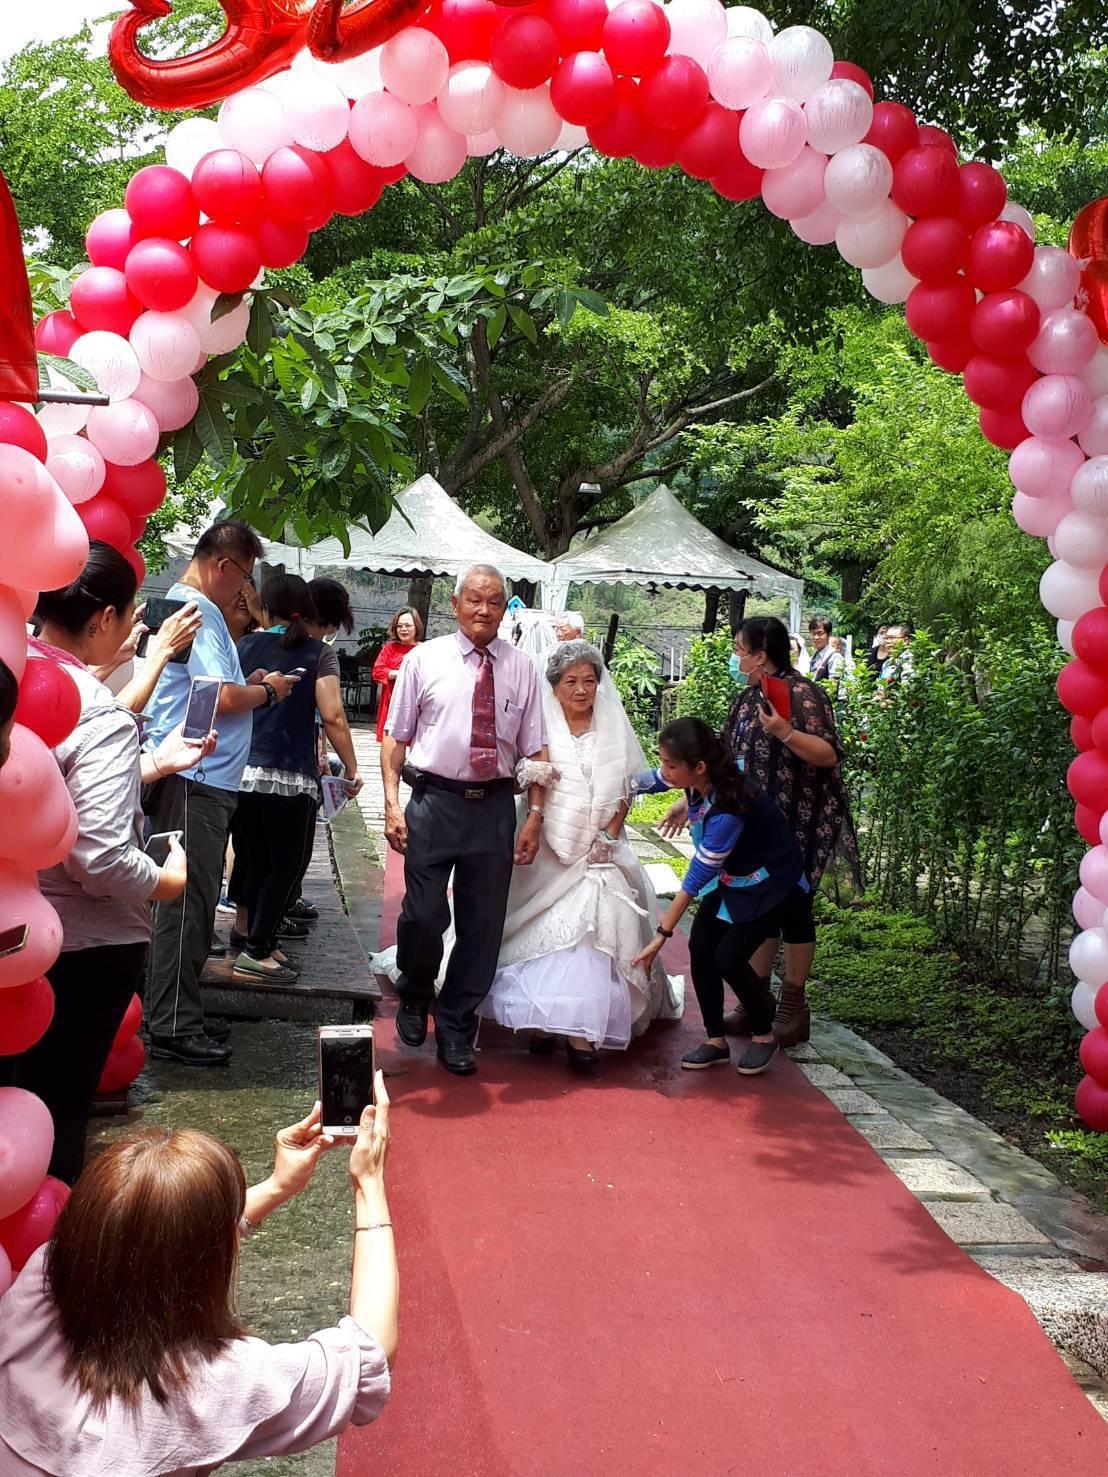 母親節來臨前,高市六龜區公所在悠然山莊舉辦慶祝活動,模範母親穿著白紗出席活動。記...